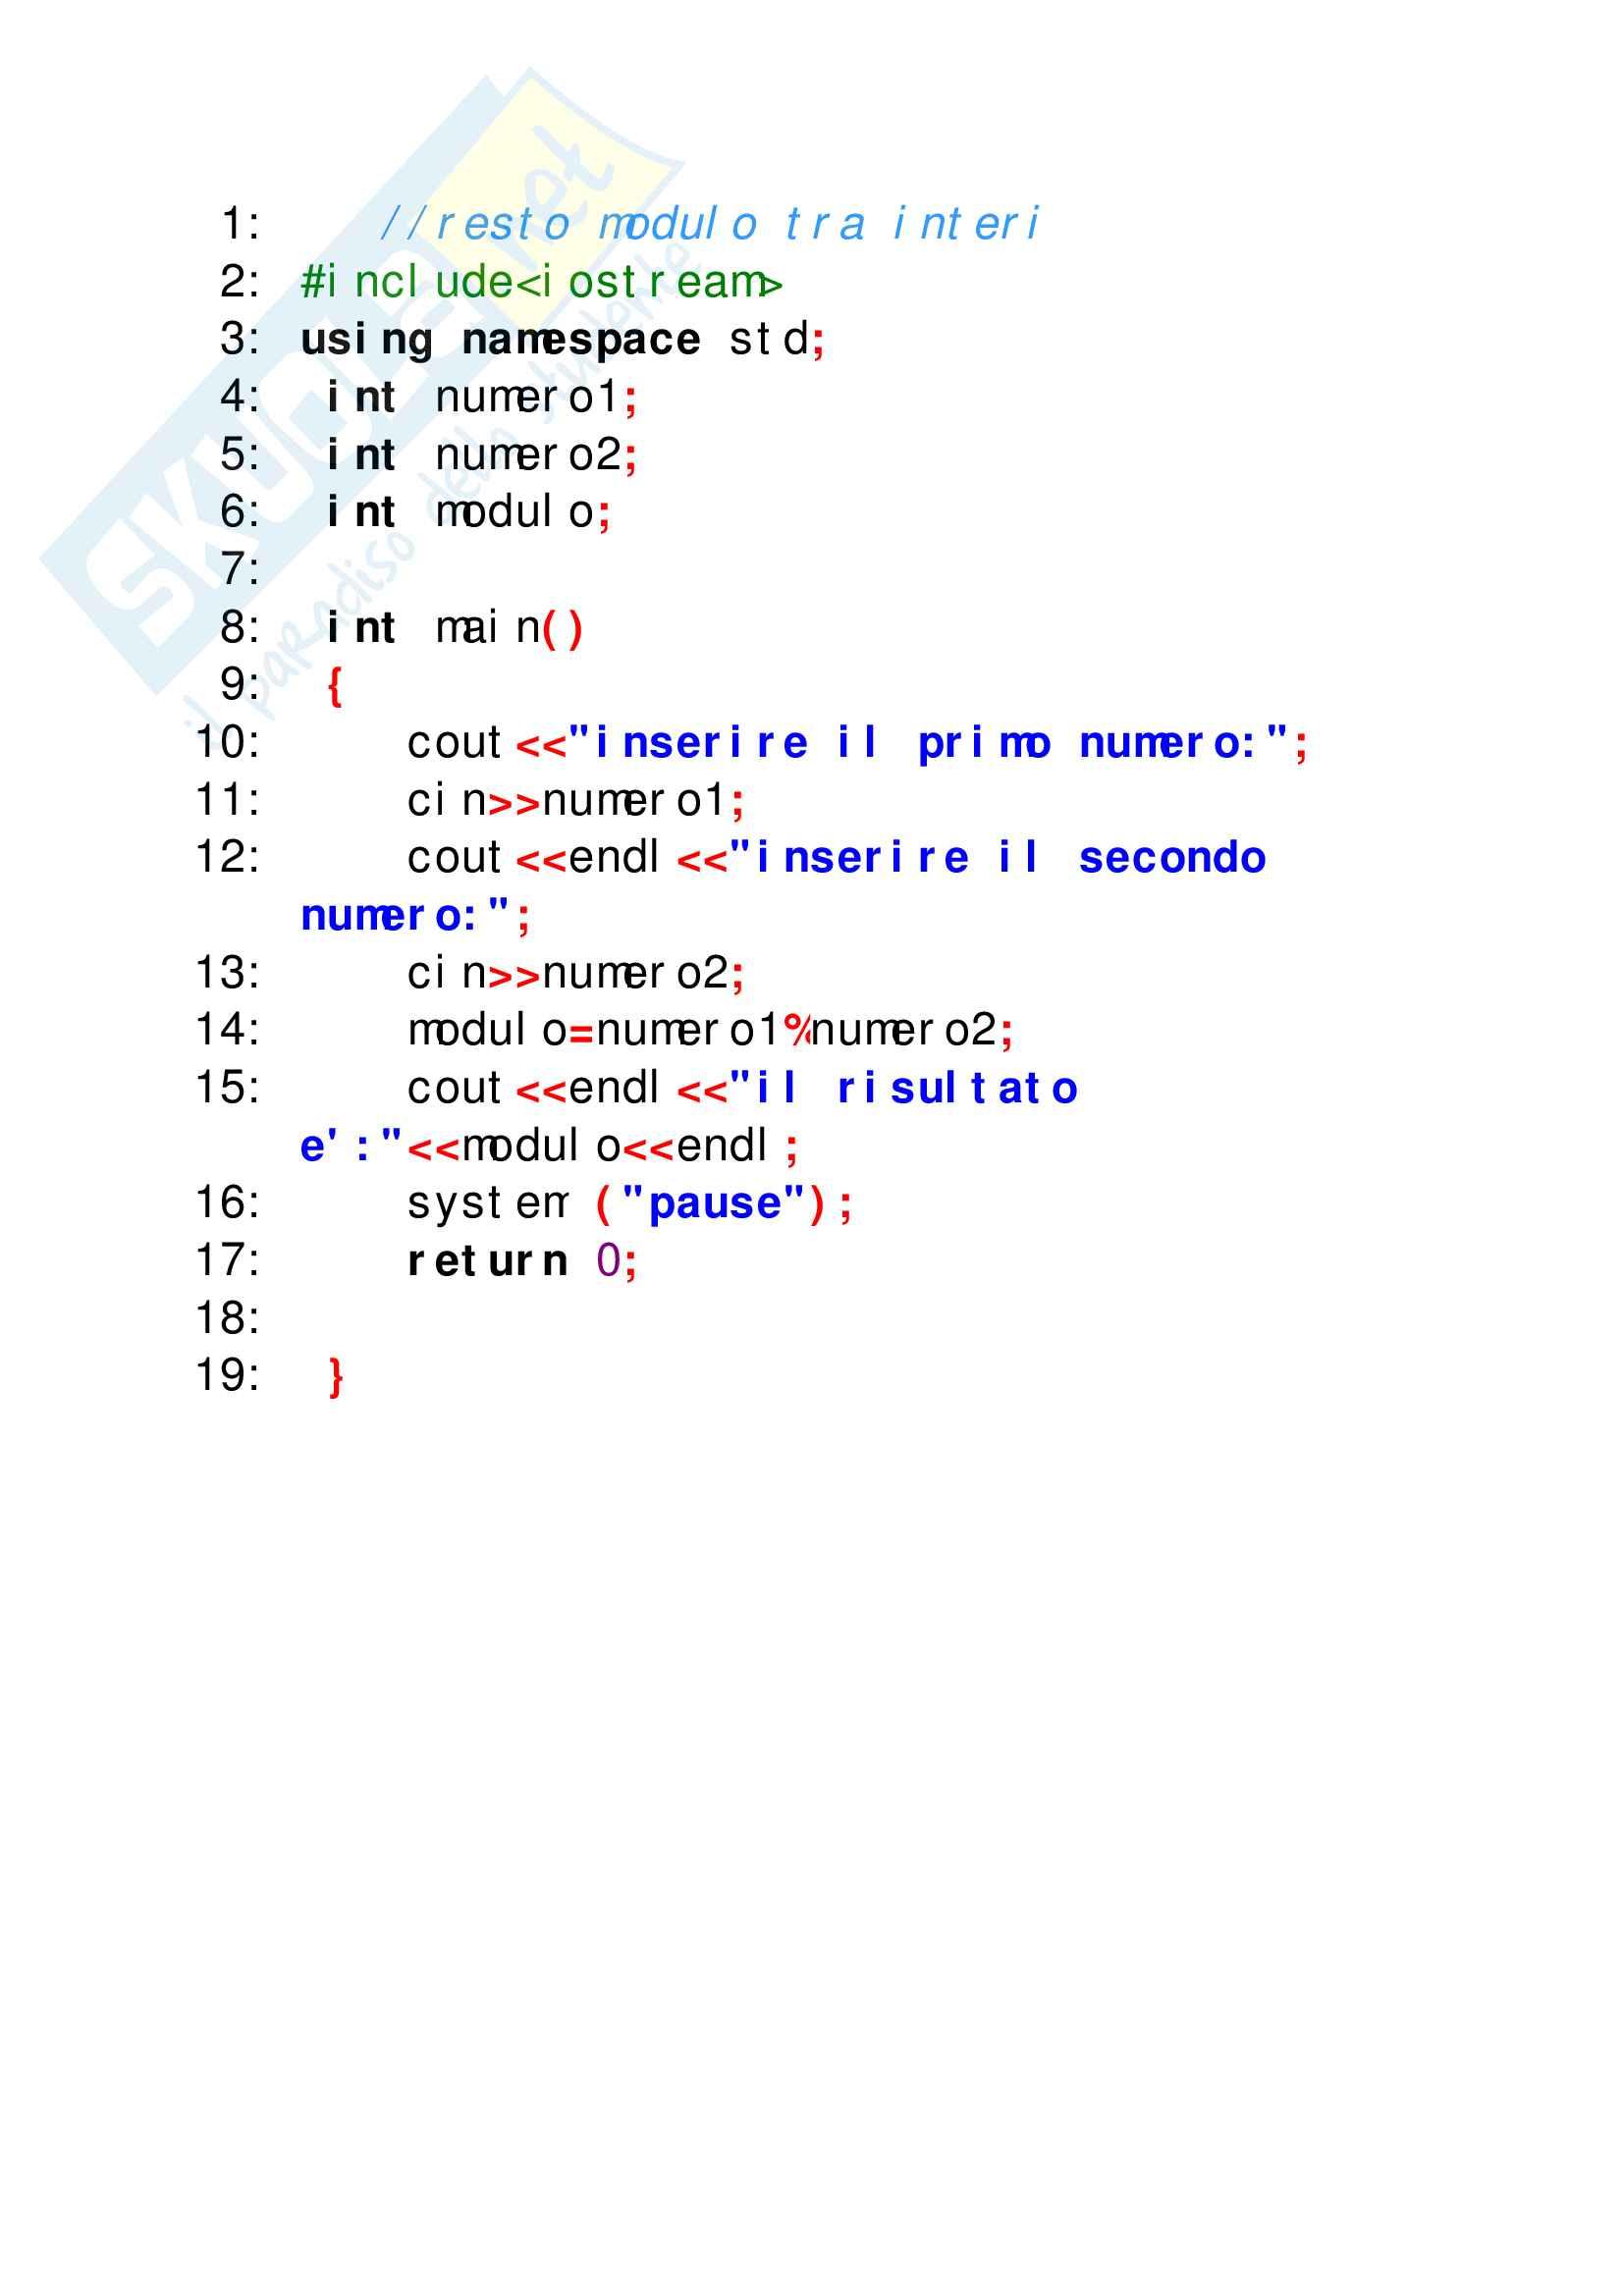 Esercizi svolti di C++ perfettamente funzionanti, tutto ciò che serve per superare facilmente lo scritto di elementi di programmazione Pag. 16